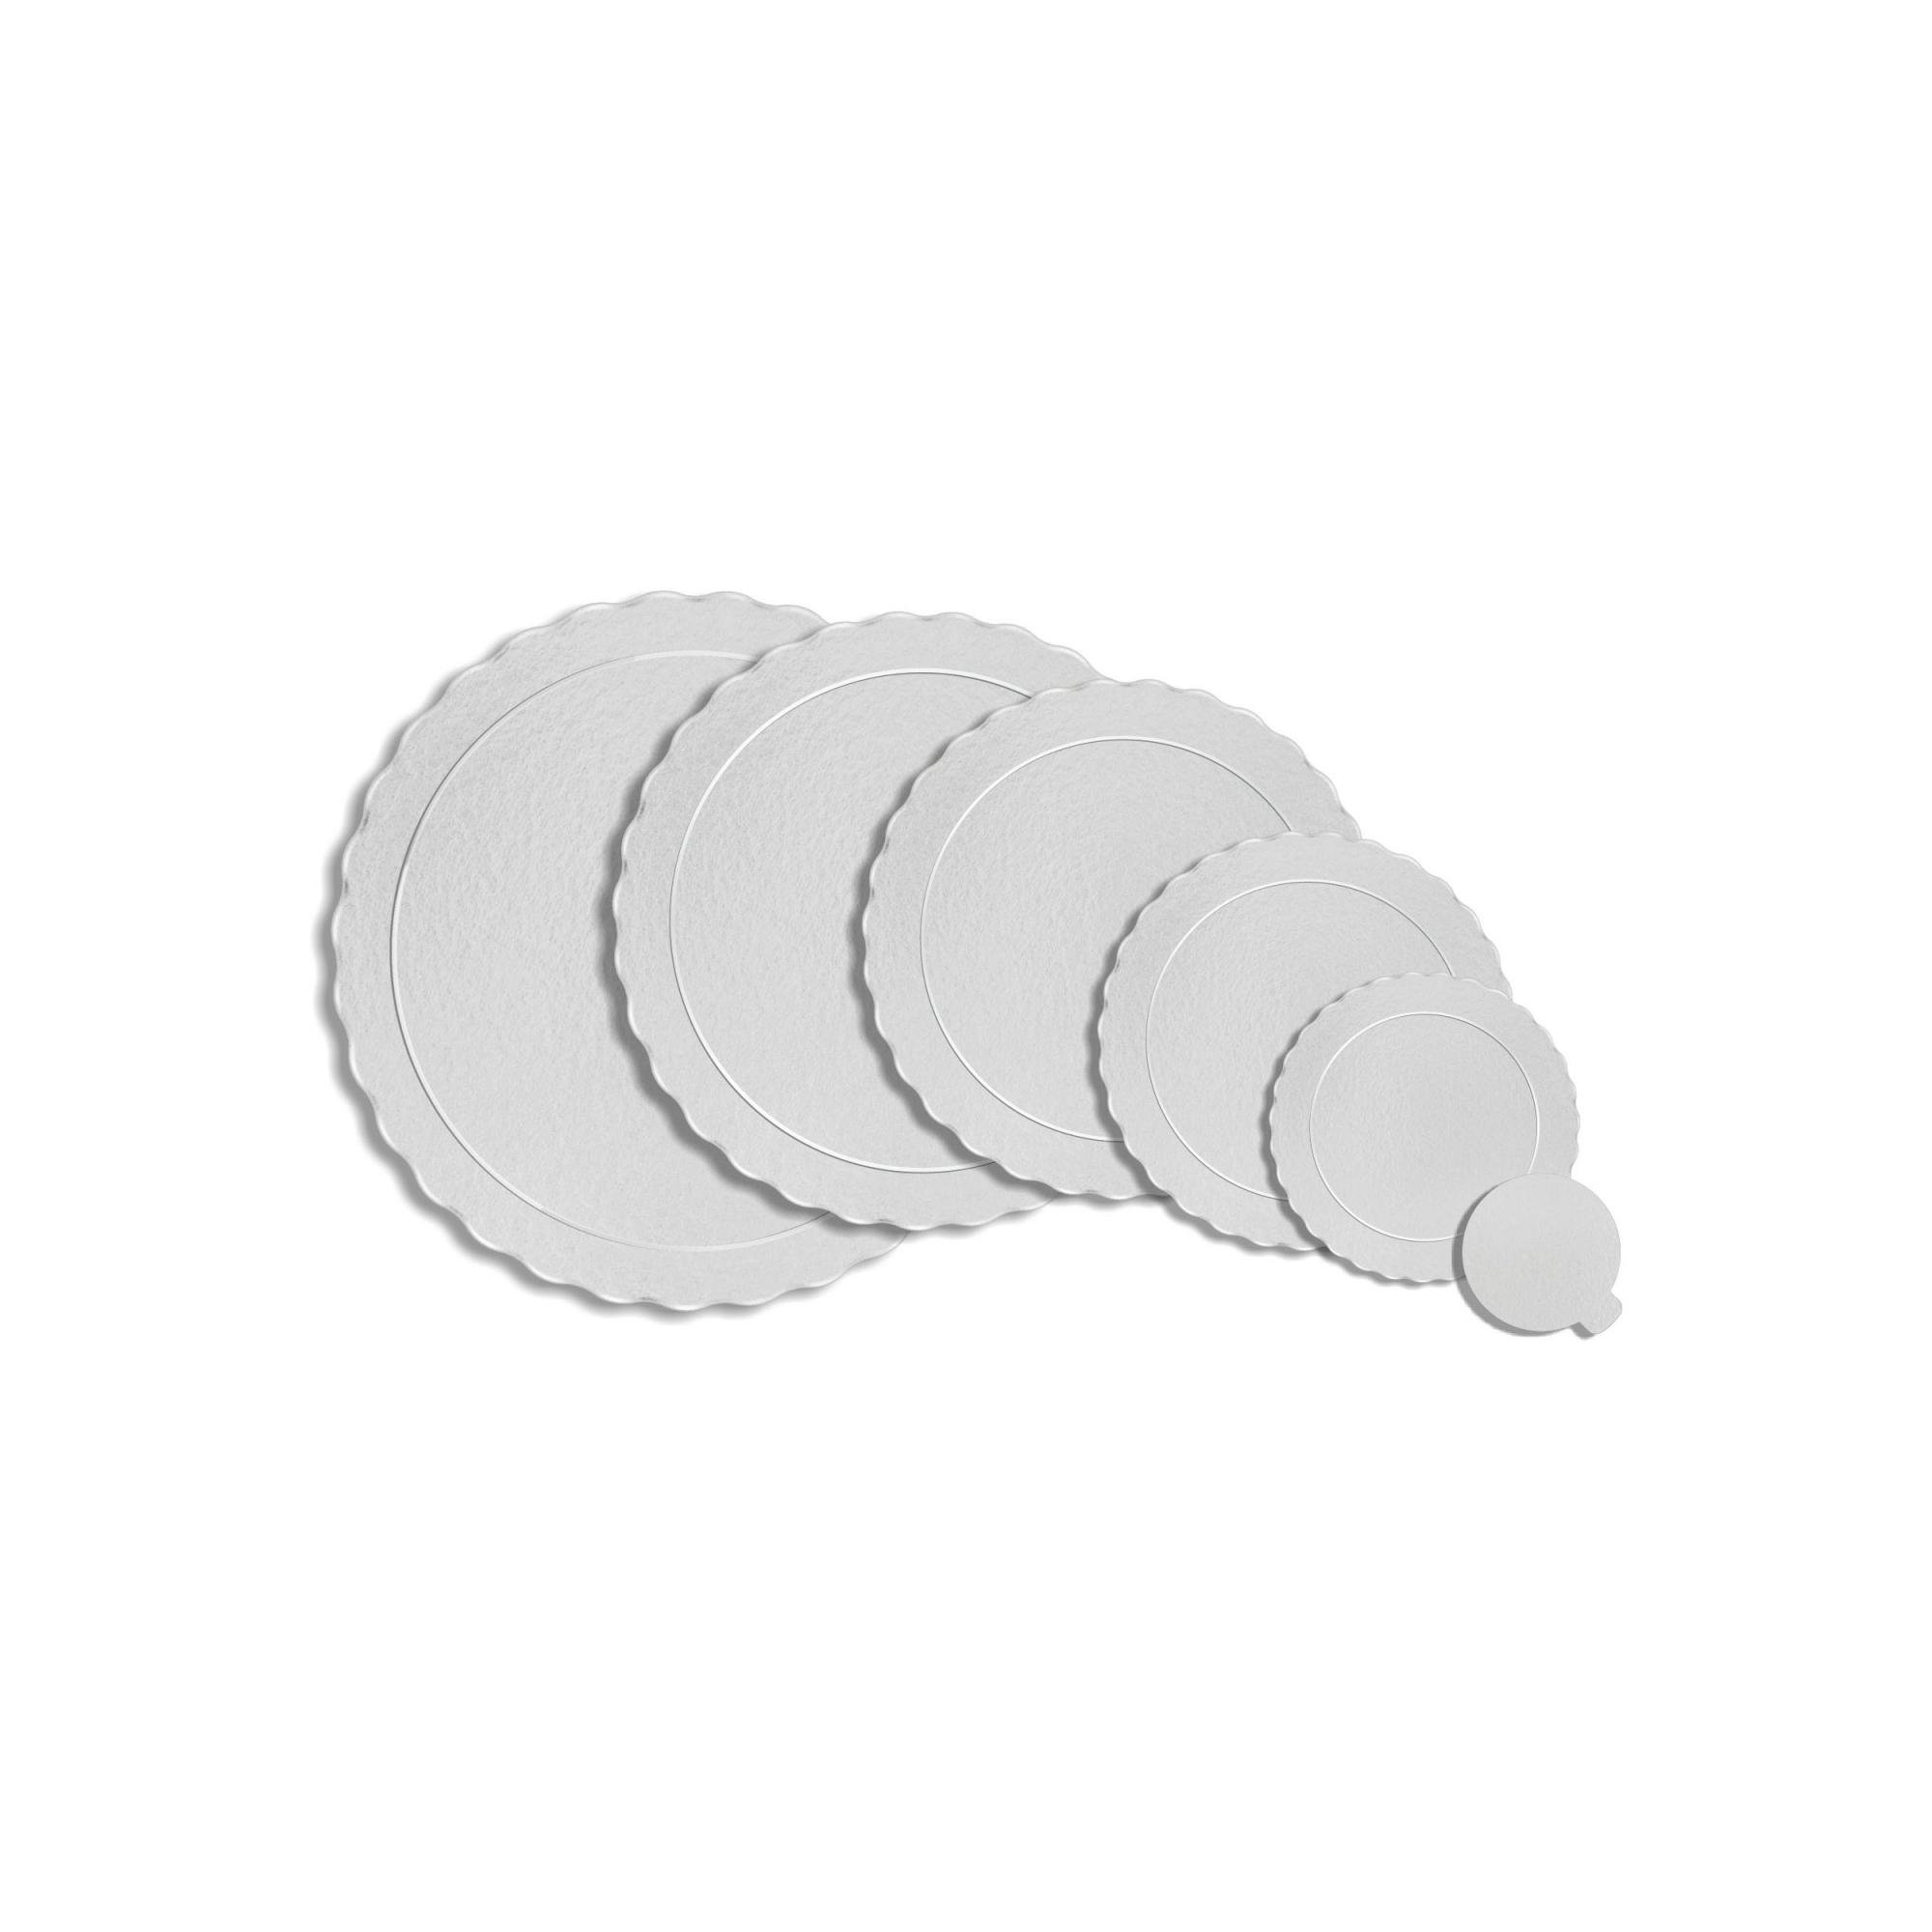 100 Bases Laminadas, Suporte P/ Bolo, Cake Board, Kit 15 e 20cm - Branca